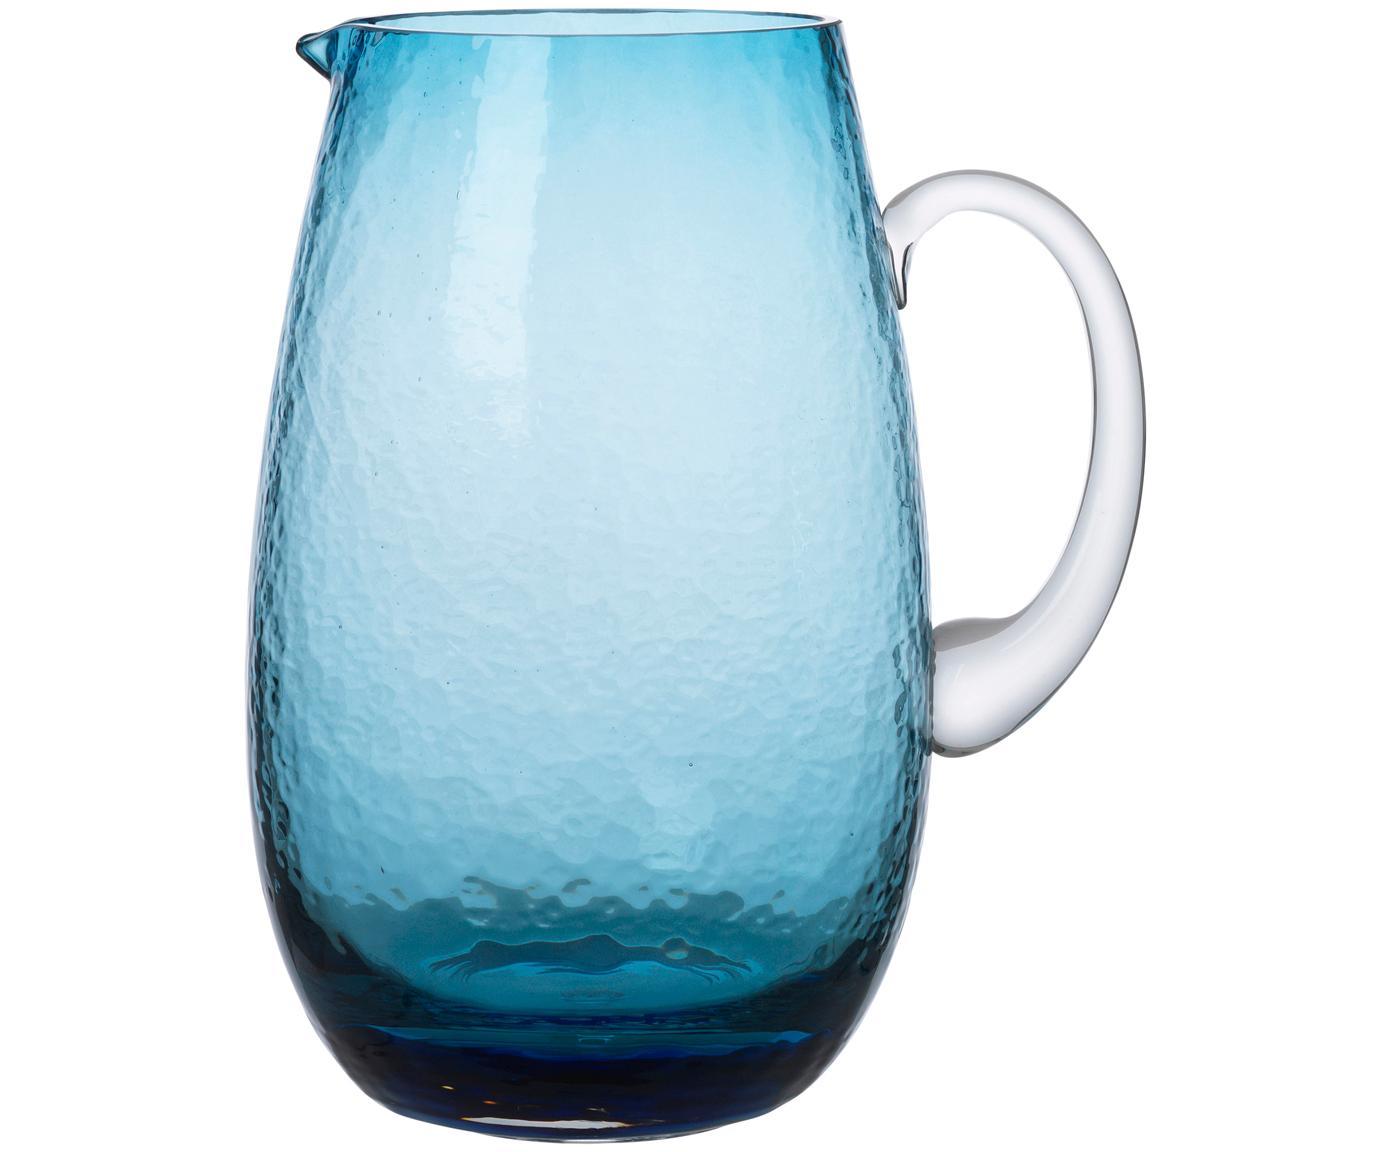 Mondgeblazen karaf Hammered, Mondgeblazen glas, Blauw, transparant, 2 L